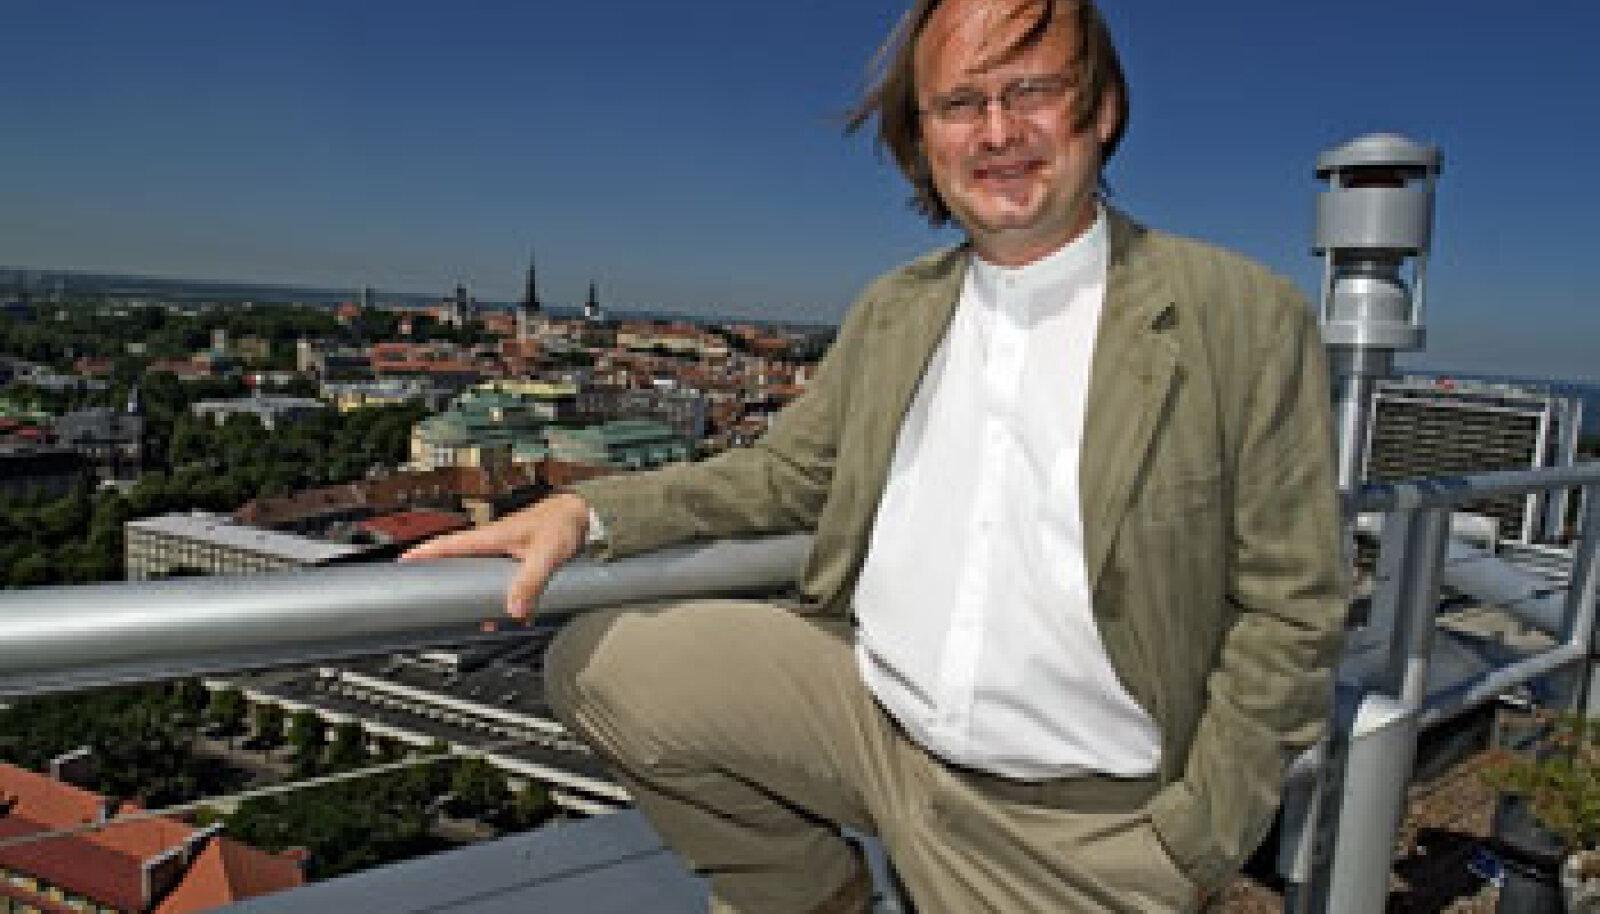 RÄNDUR EI PEATU: Tuleval aastal lubab Tiit Pruuli algust teha oma kolmanda suure retkega, aga keskenduda ainult Eestile ning käia põhiliselt jala. Vallo Kruuser